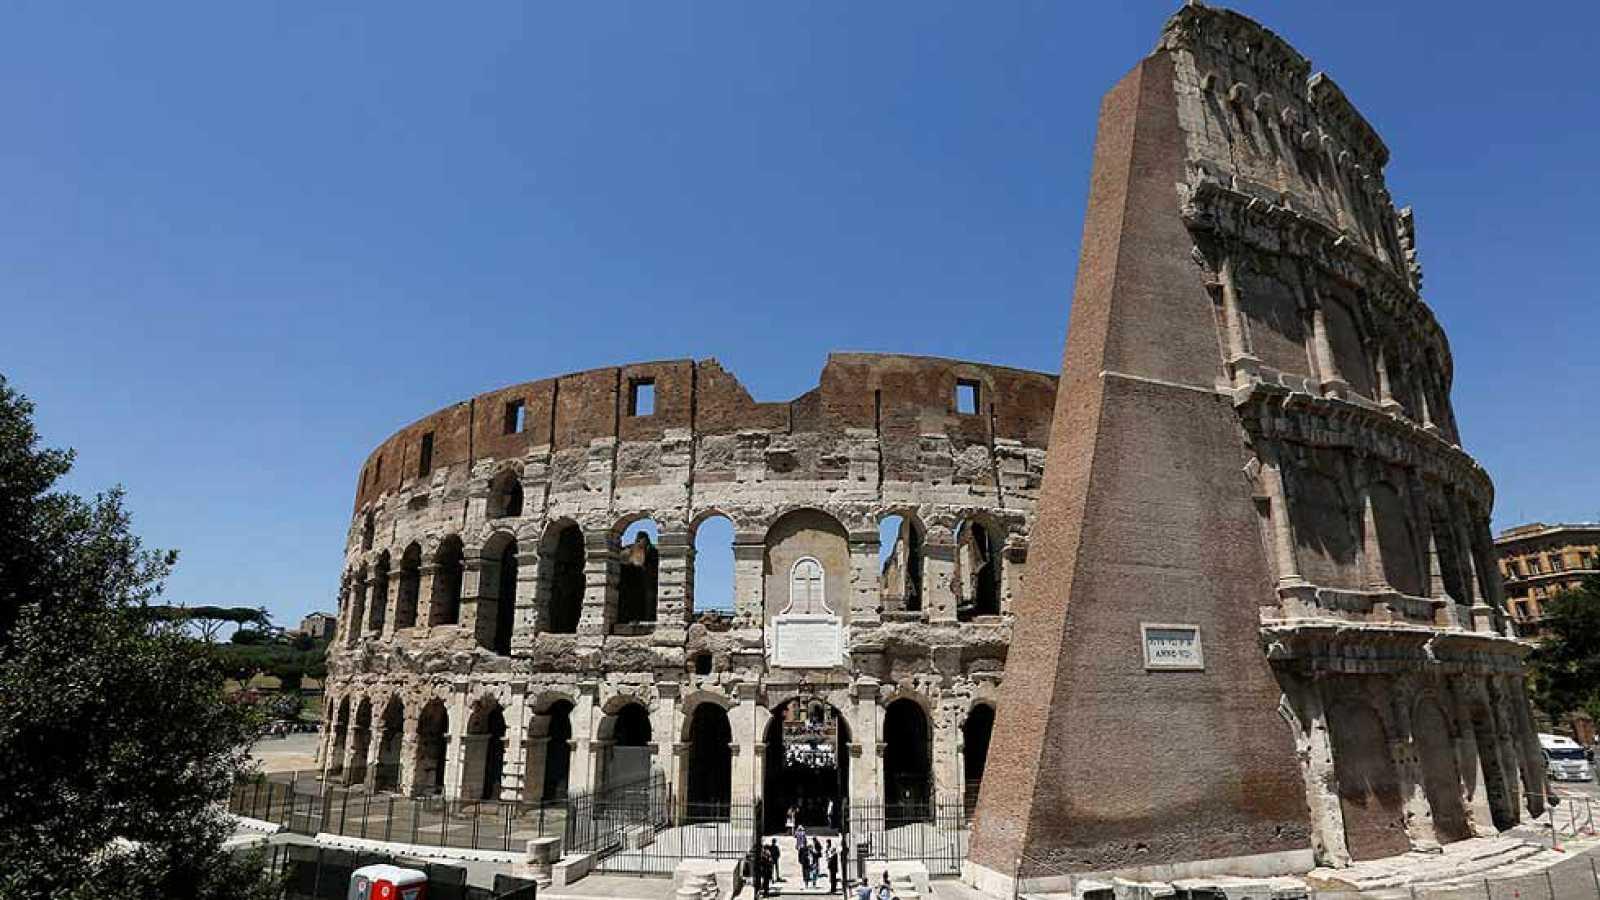 El Coliseo De Roma Recupera Su Esplendor Tras Tres Años De